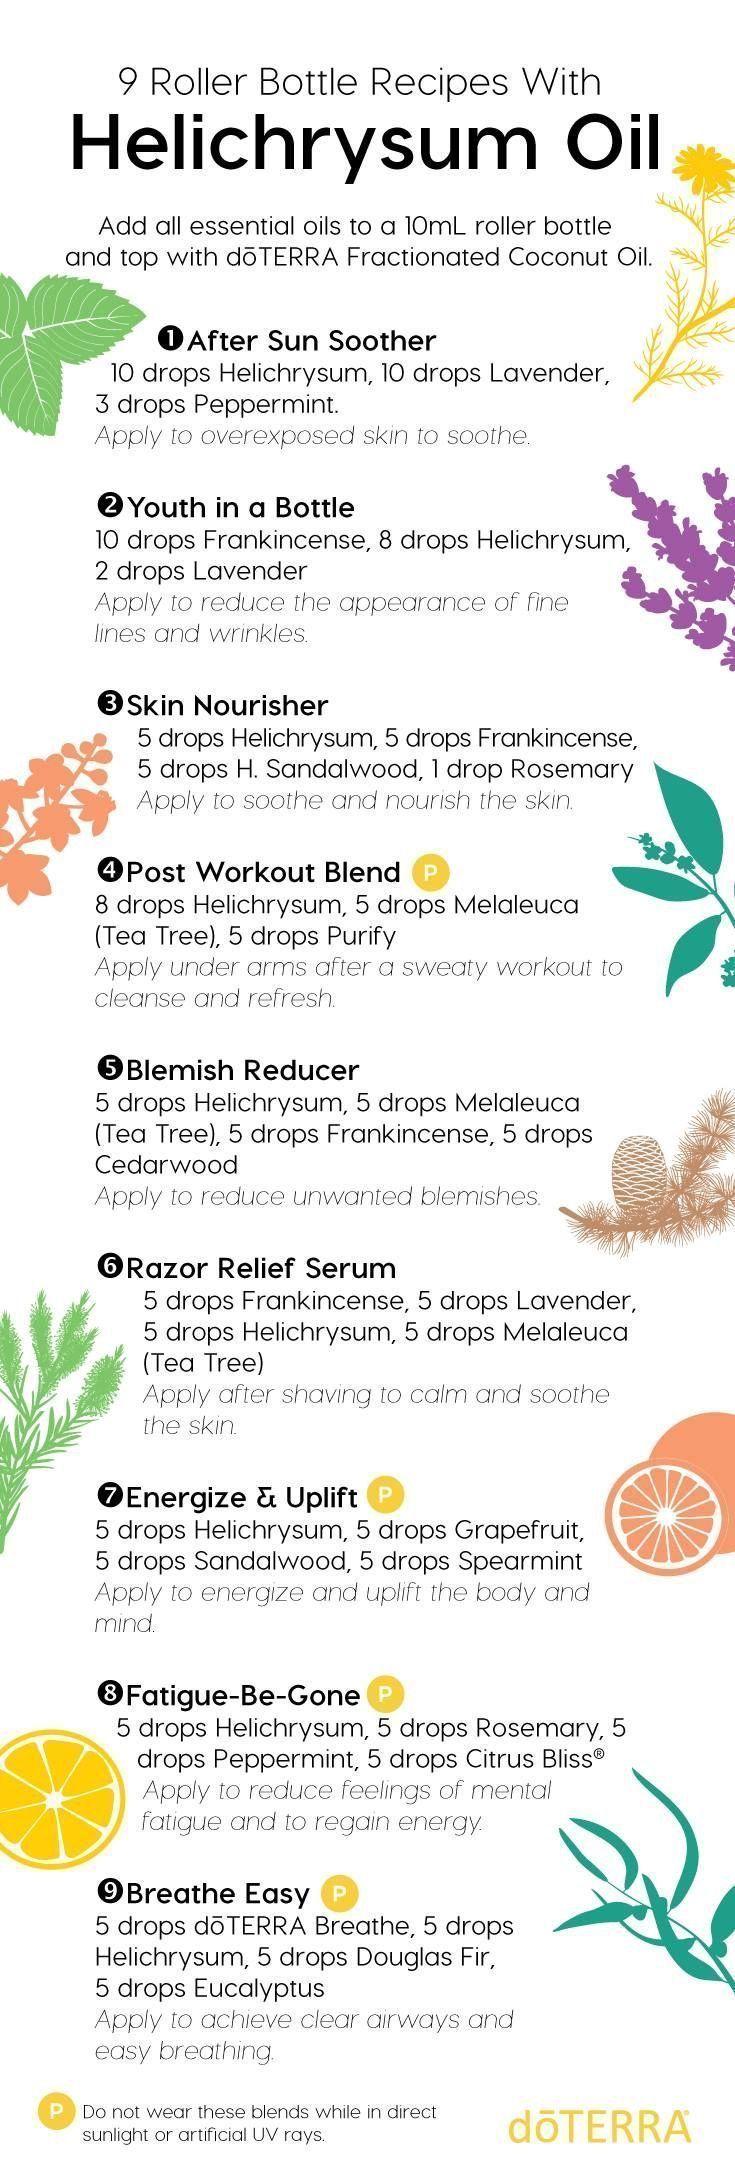 dōTERRA essential oils #essentialoil #essentialoils